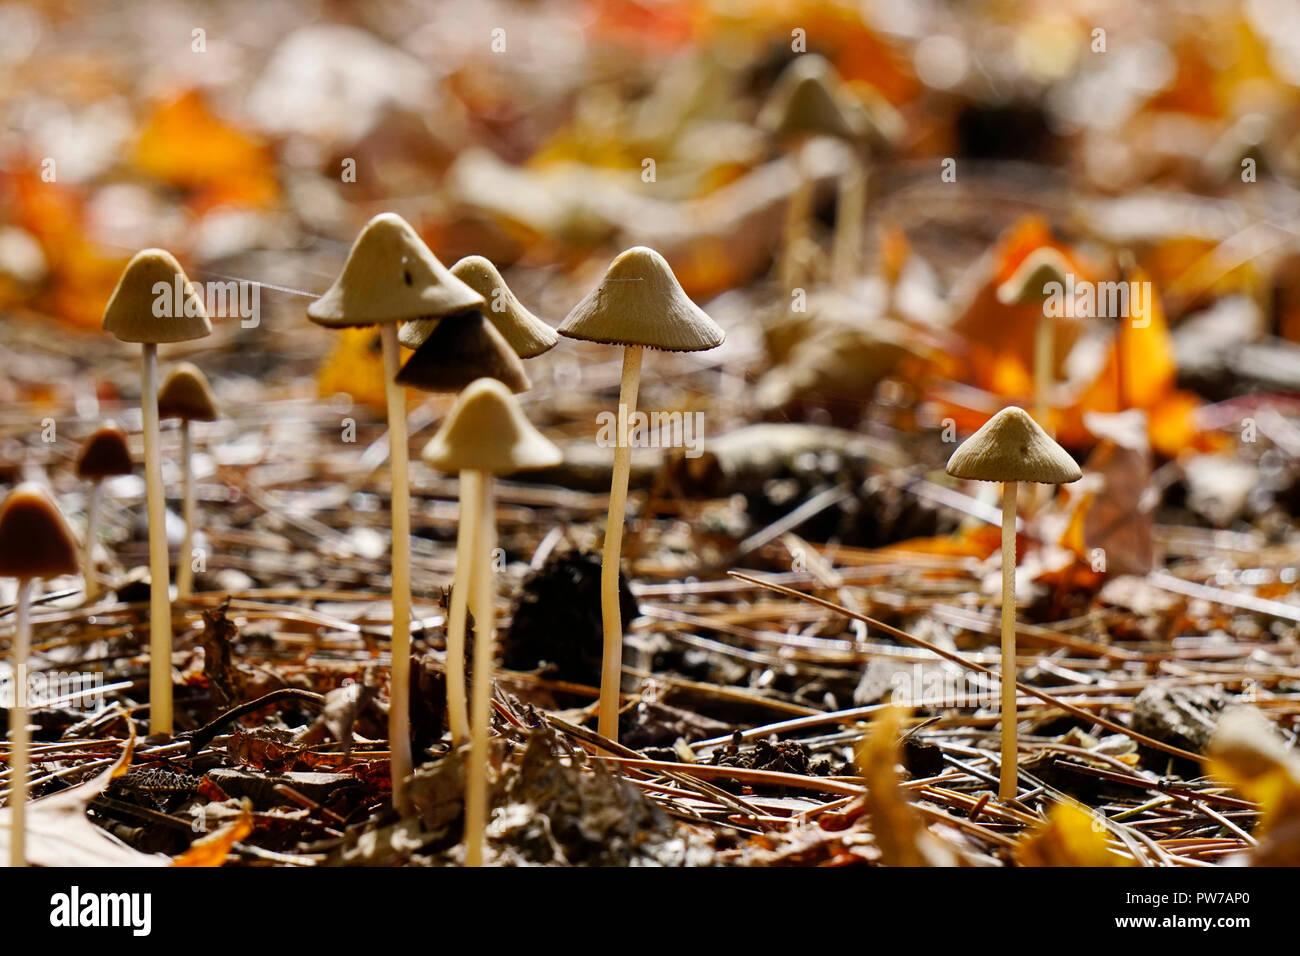 Liberty Cap Mushrooms Stock Photos & Liberty Cap Mushrooms